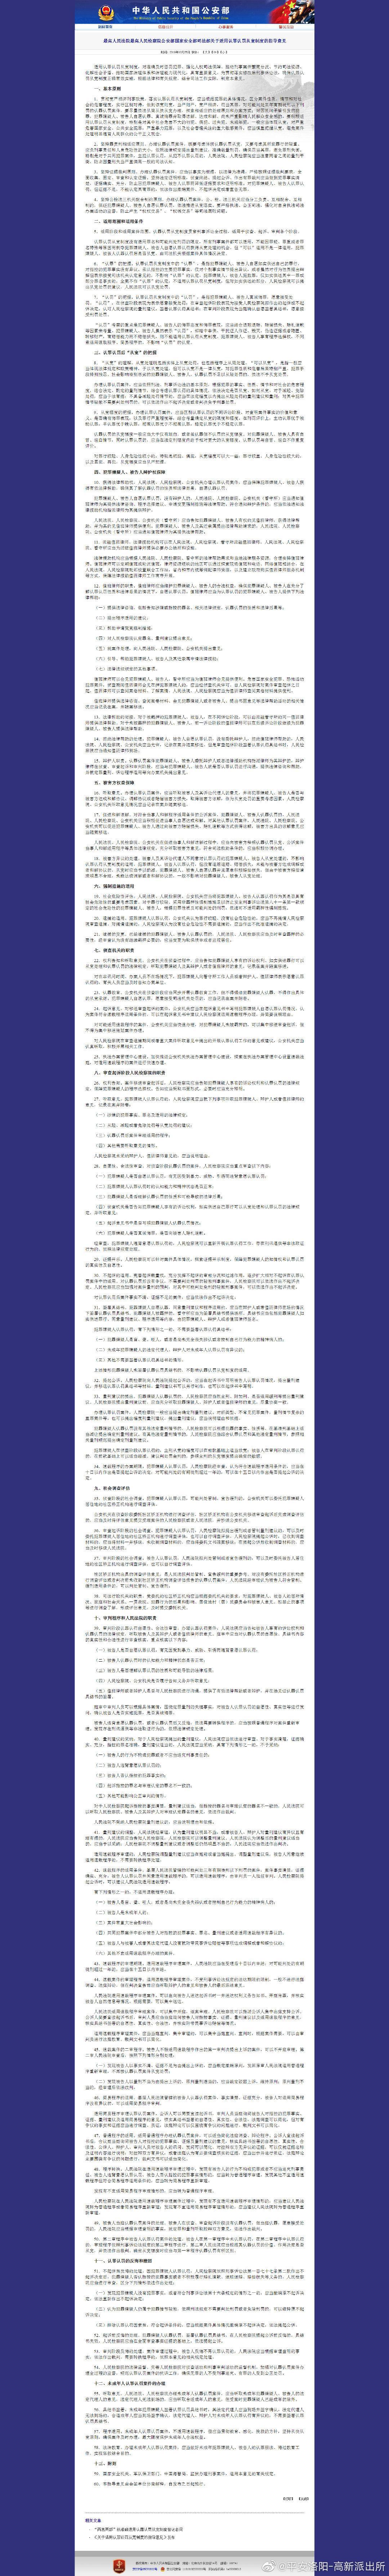 最高人民法院最高人民检察院公安部国家安全部司法部2019年10月25日发